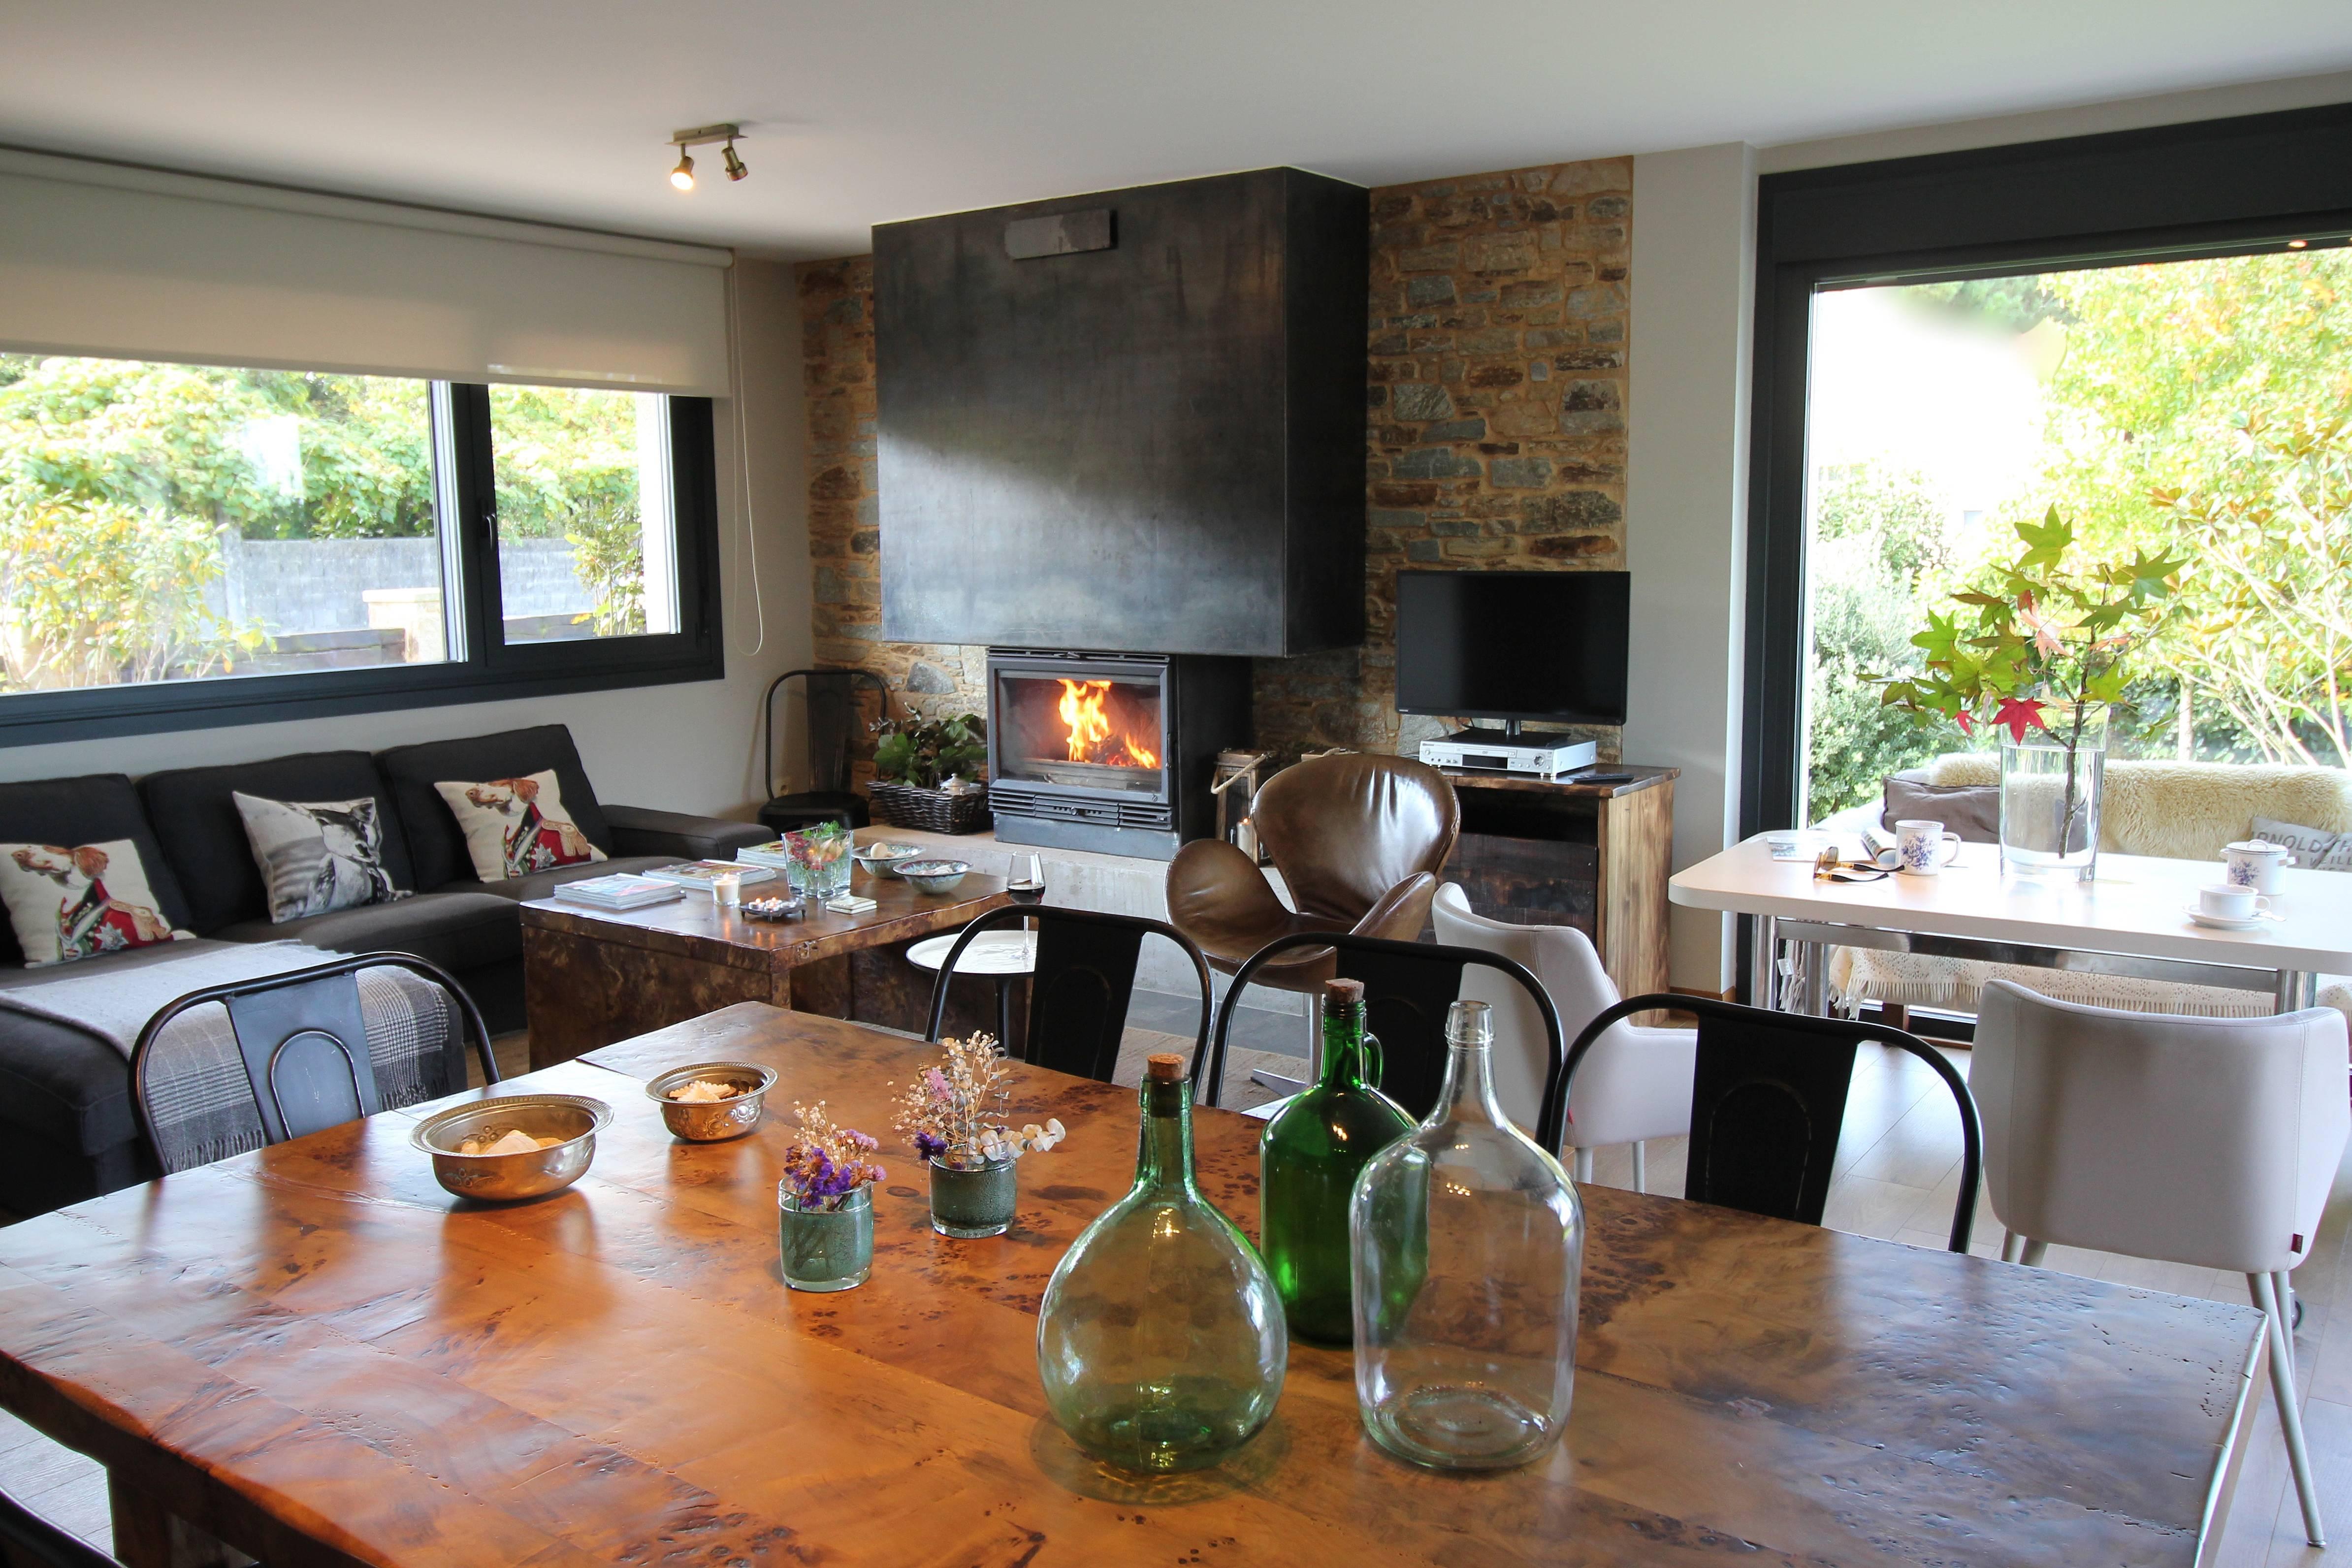 Alquiler vacaciones, apartamentos y casas rurales en Carballo - A ...